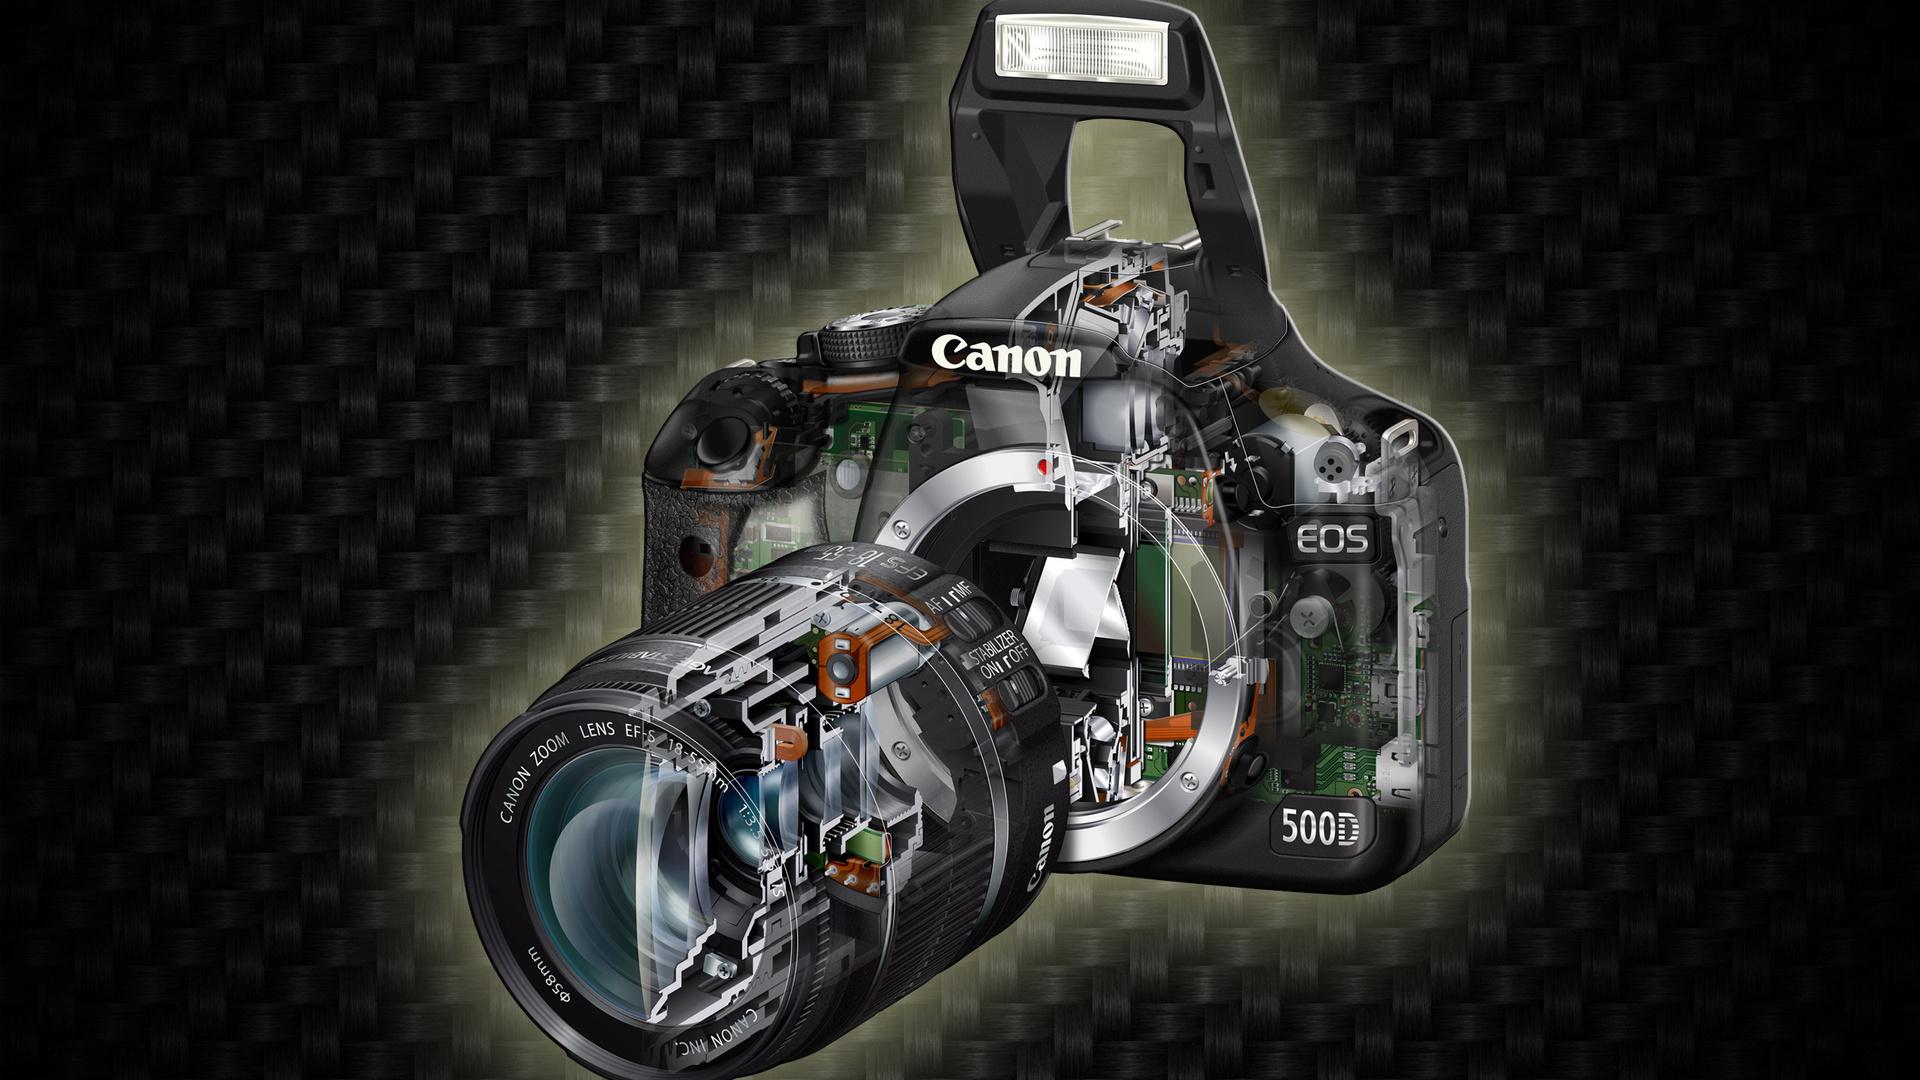 Canon Camera Wallpaper